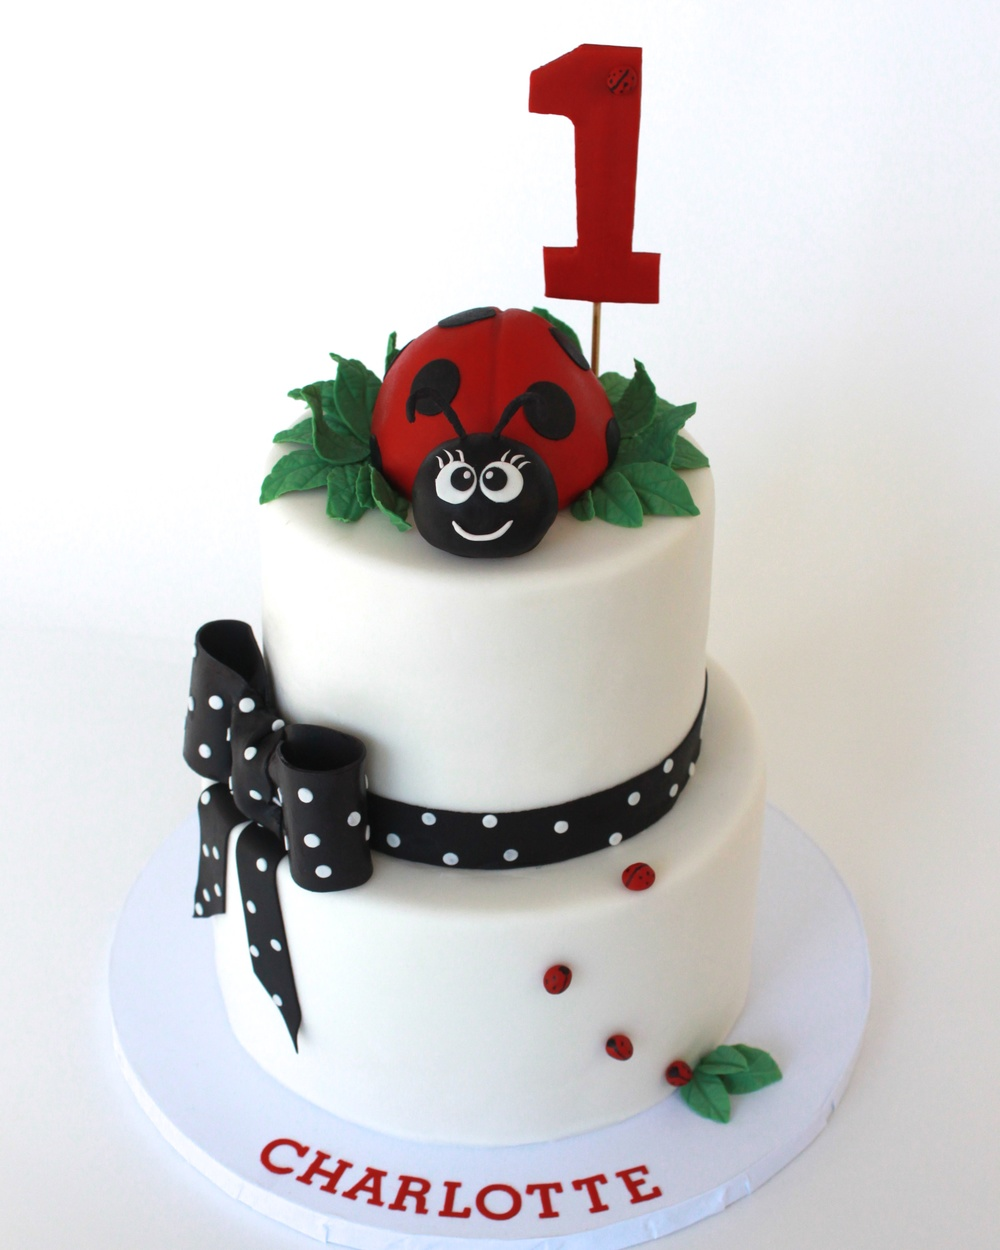 ladybug cake 133.jpg